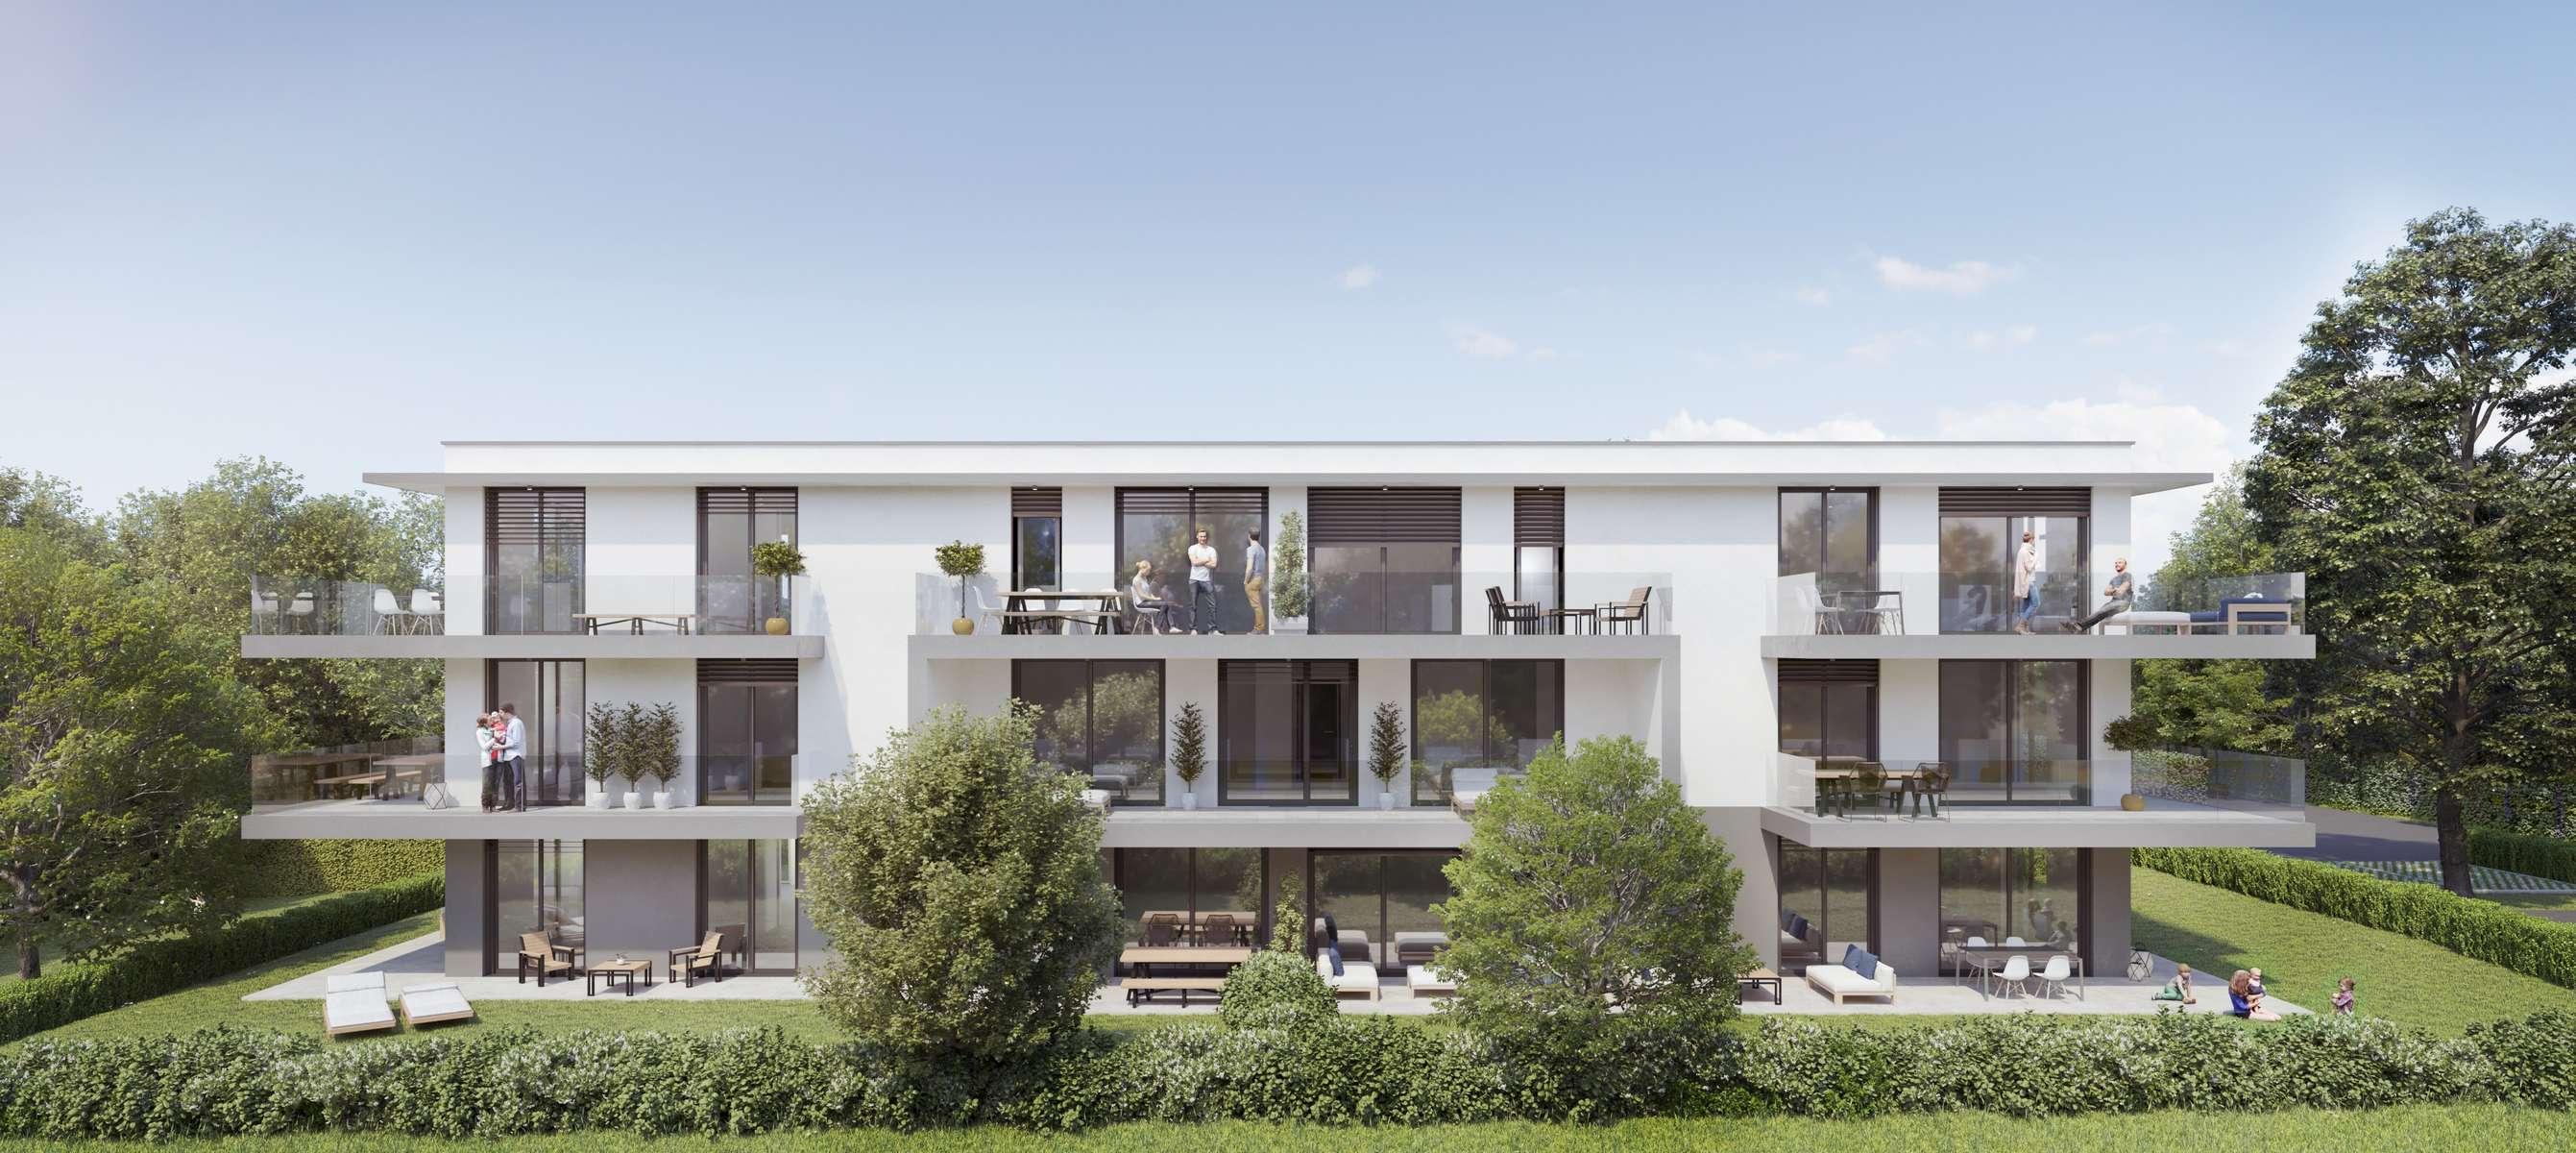 (ris+partenaires 2018 en cours)Projet: Construction de 7 appartementsCologny - SuisseSurface: 838 m2Chef de projet:Antoine RisMandat: Projet et direction architecturale